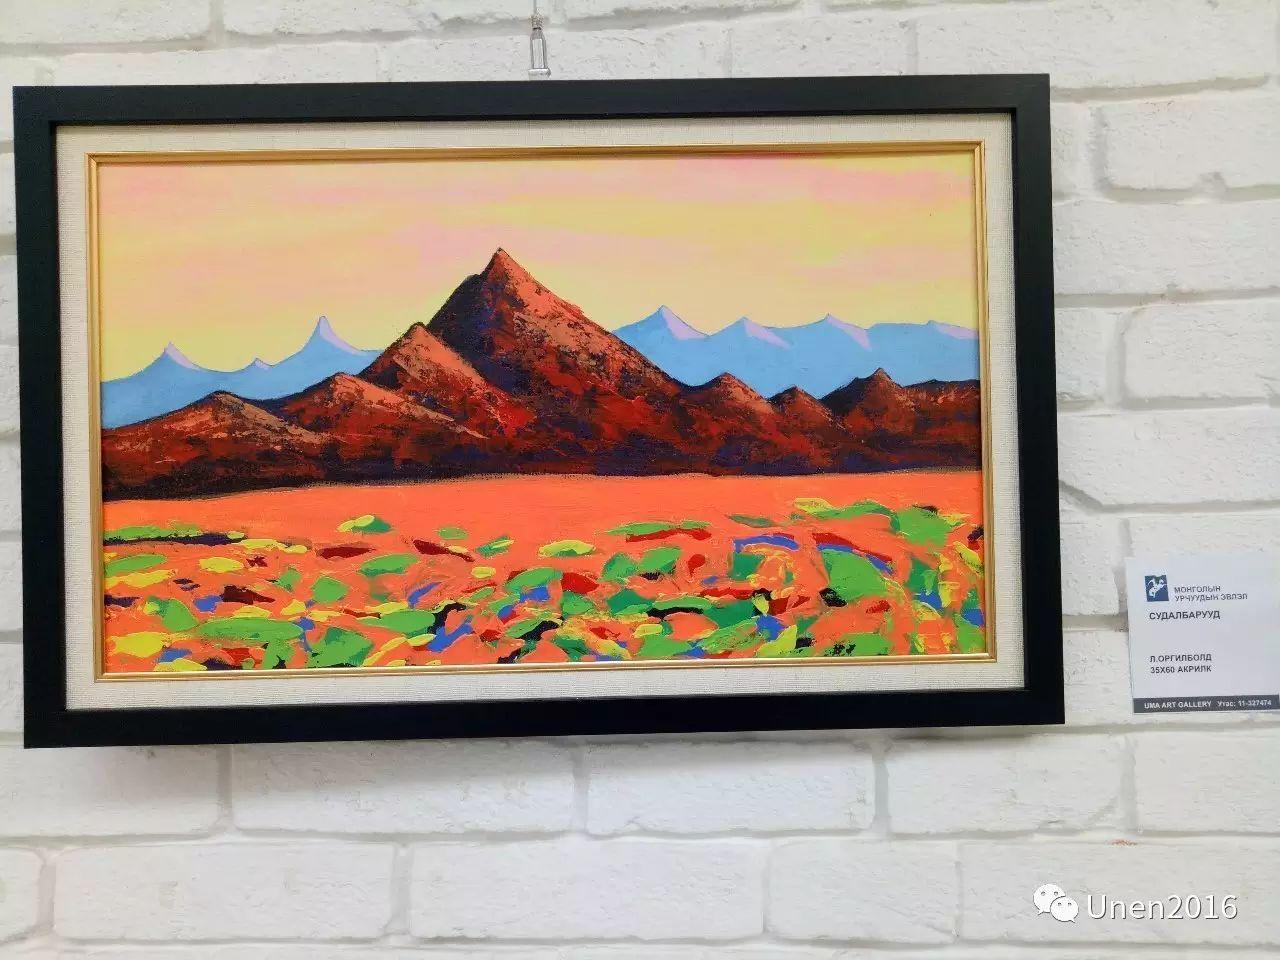 蒙古国画家傲日格勒宝勒德的油画作品 第11张